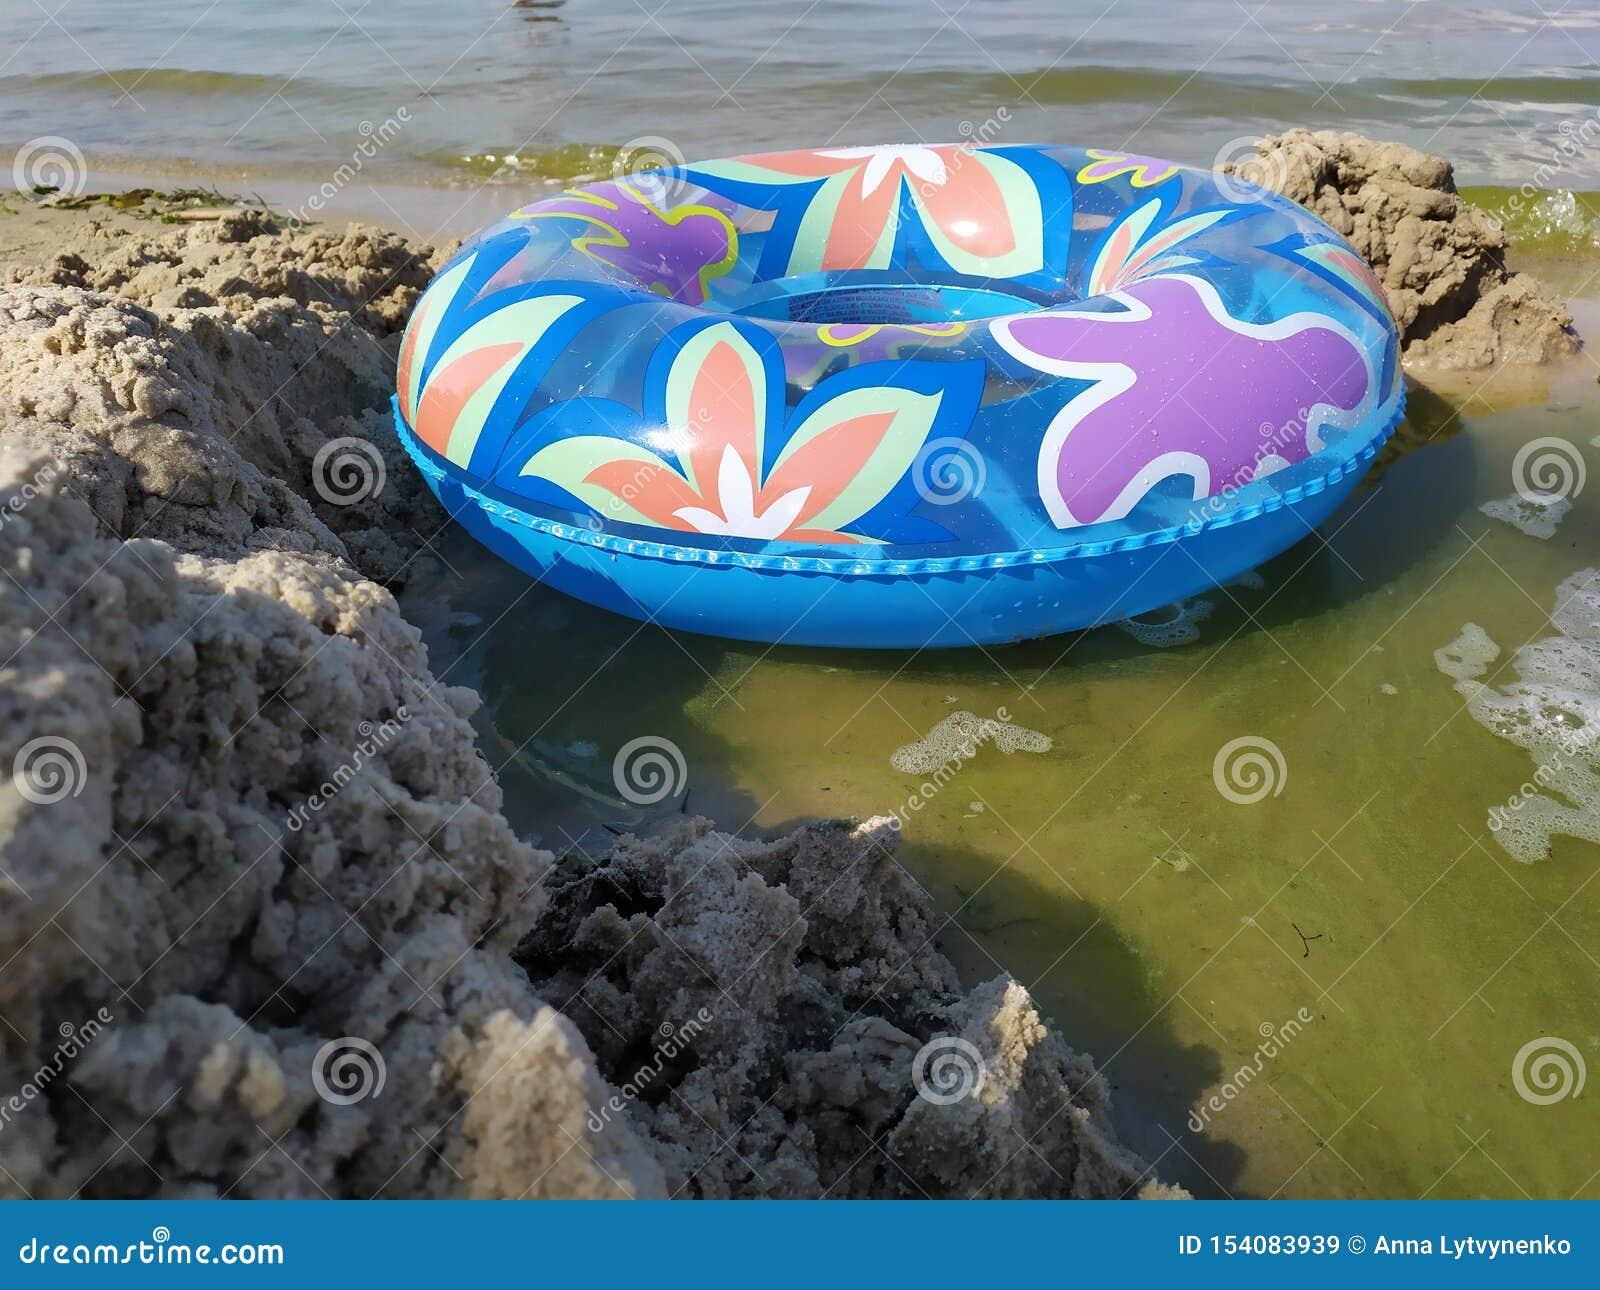 Ein sich hin- und herbewegender Kreis für Kinder liegt auf dem sandigen Riverbank nahe dem Wasser